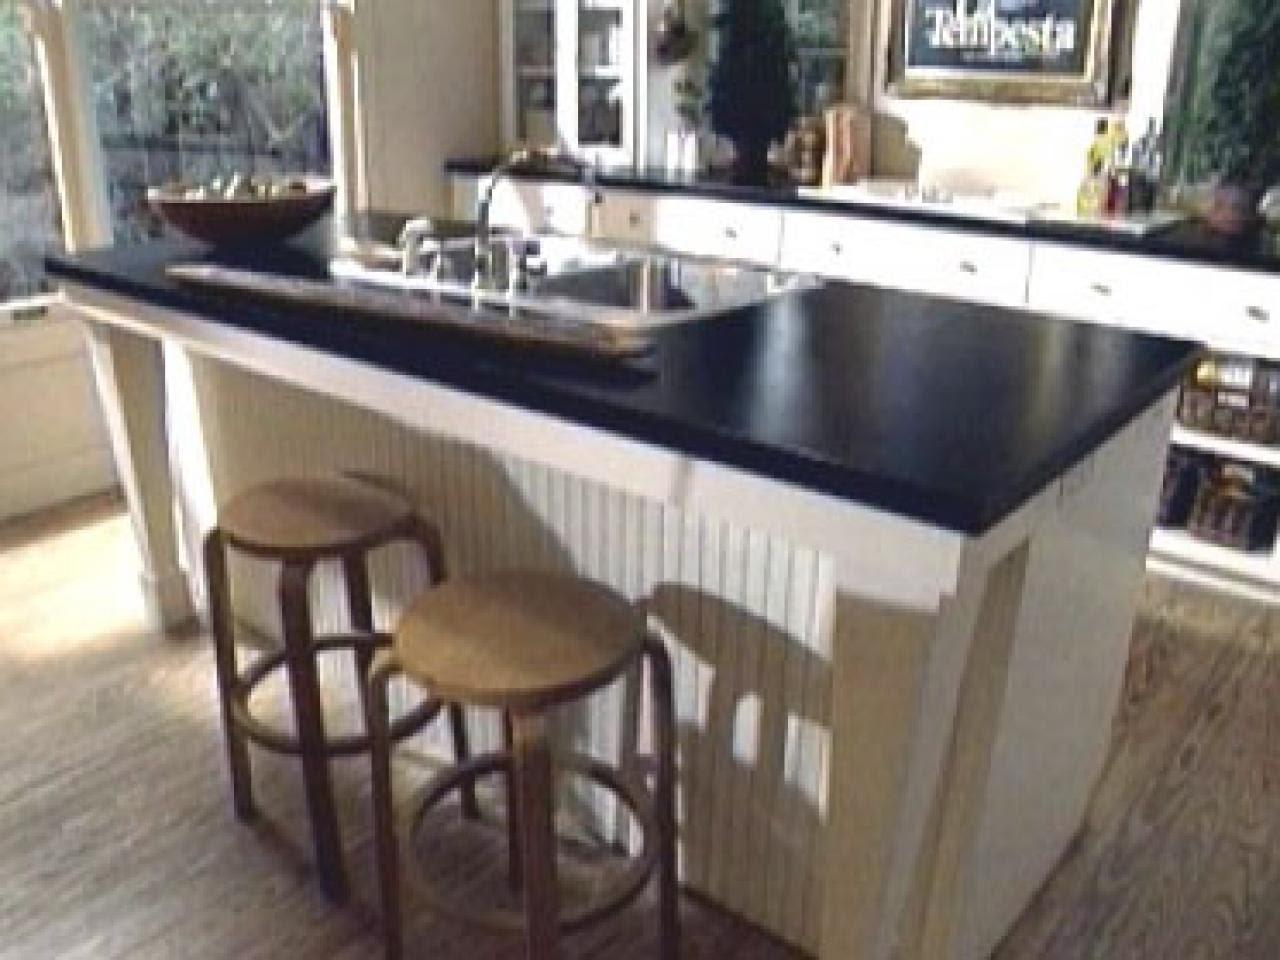 Kitchen Sink Options   DIY